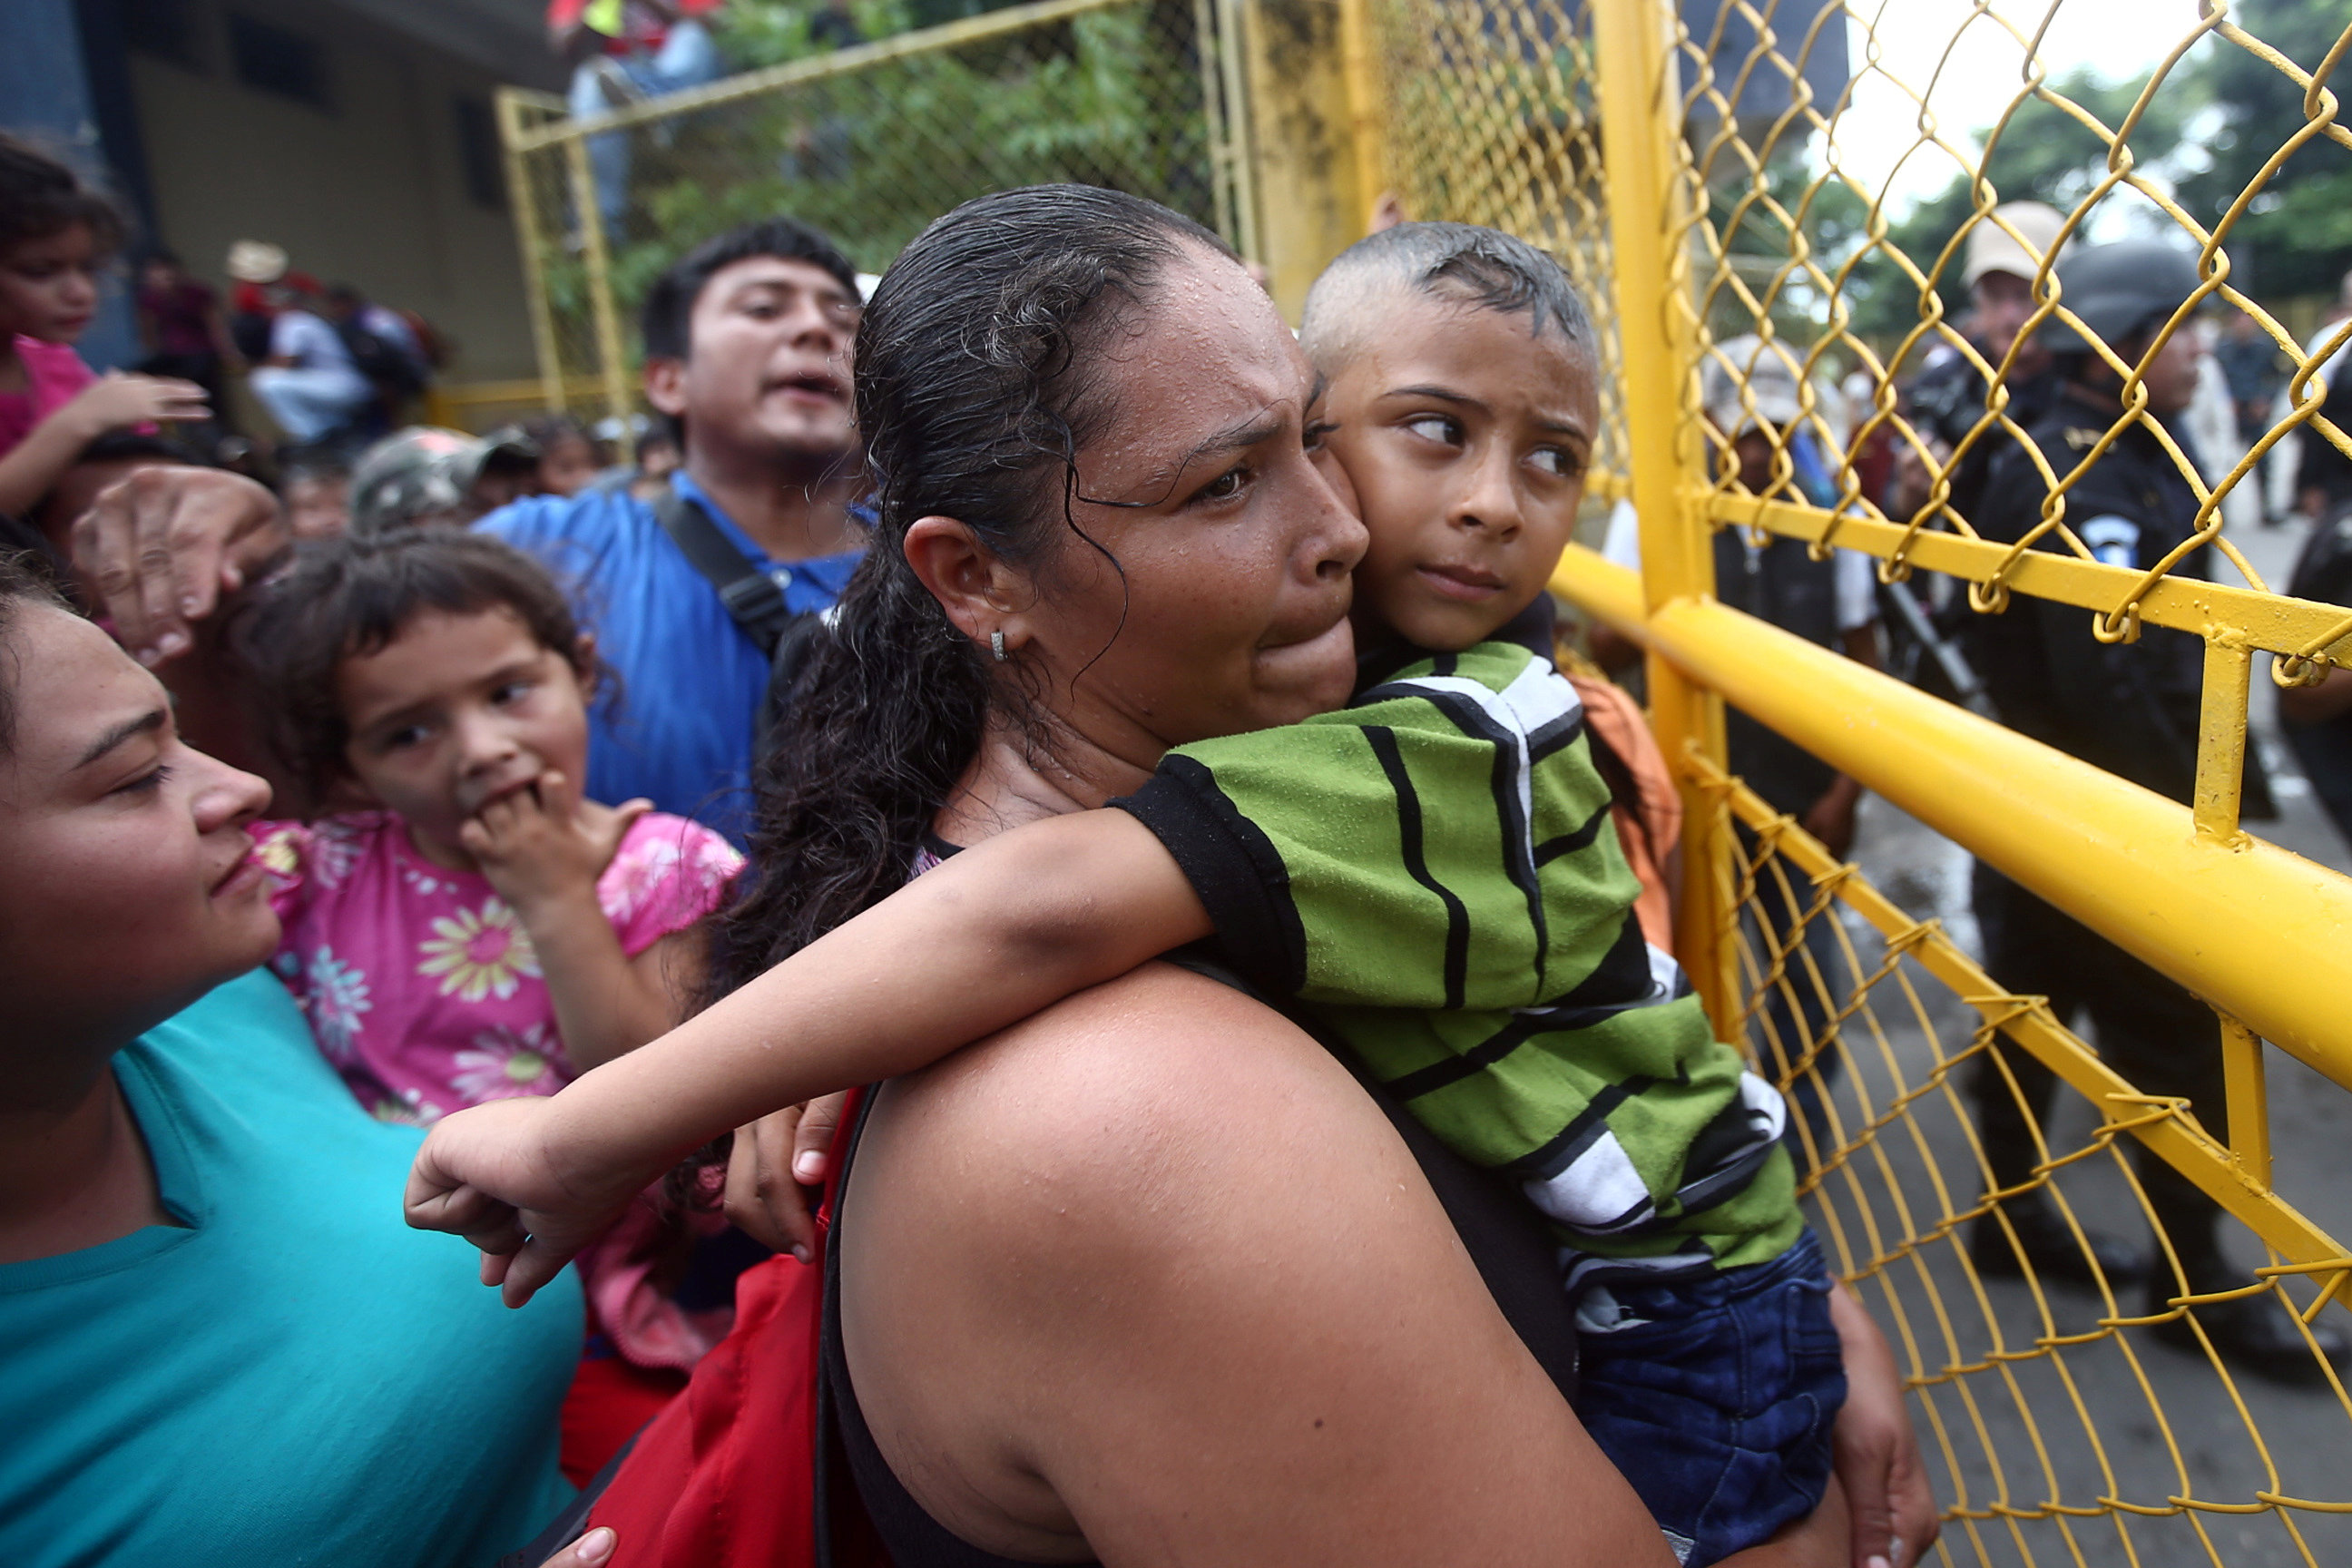 سيدات من هندوراس فى انتظار الهرب إلى الولايات المتحدة